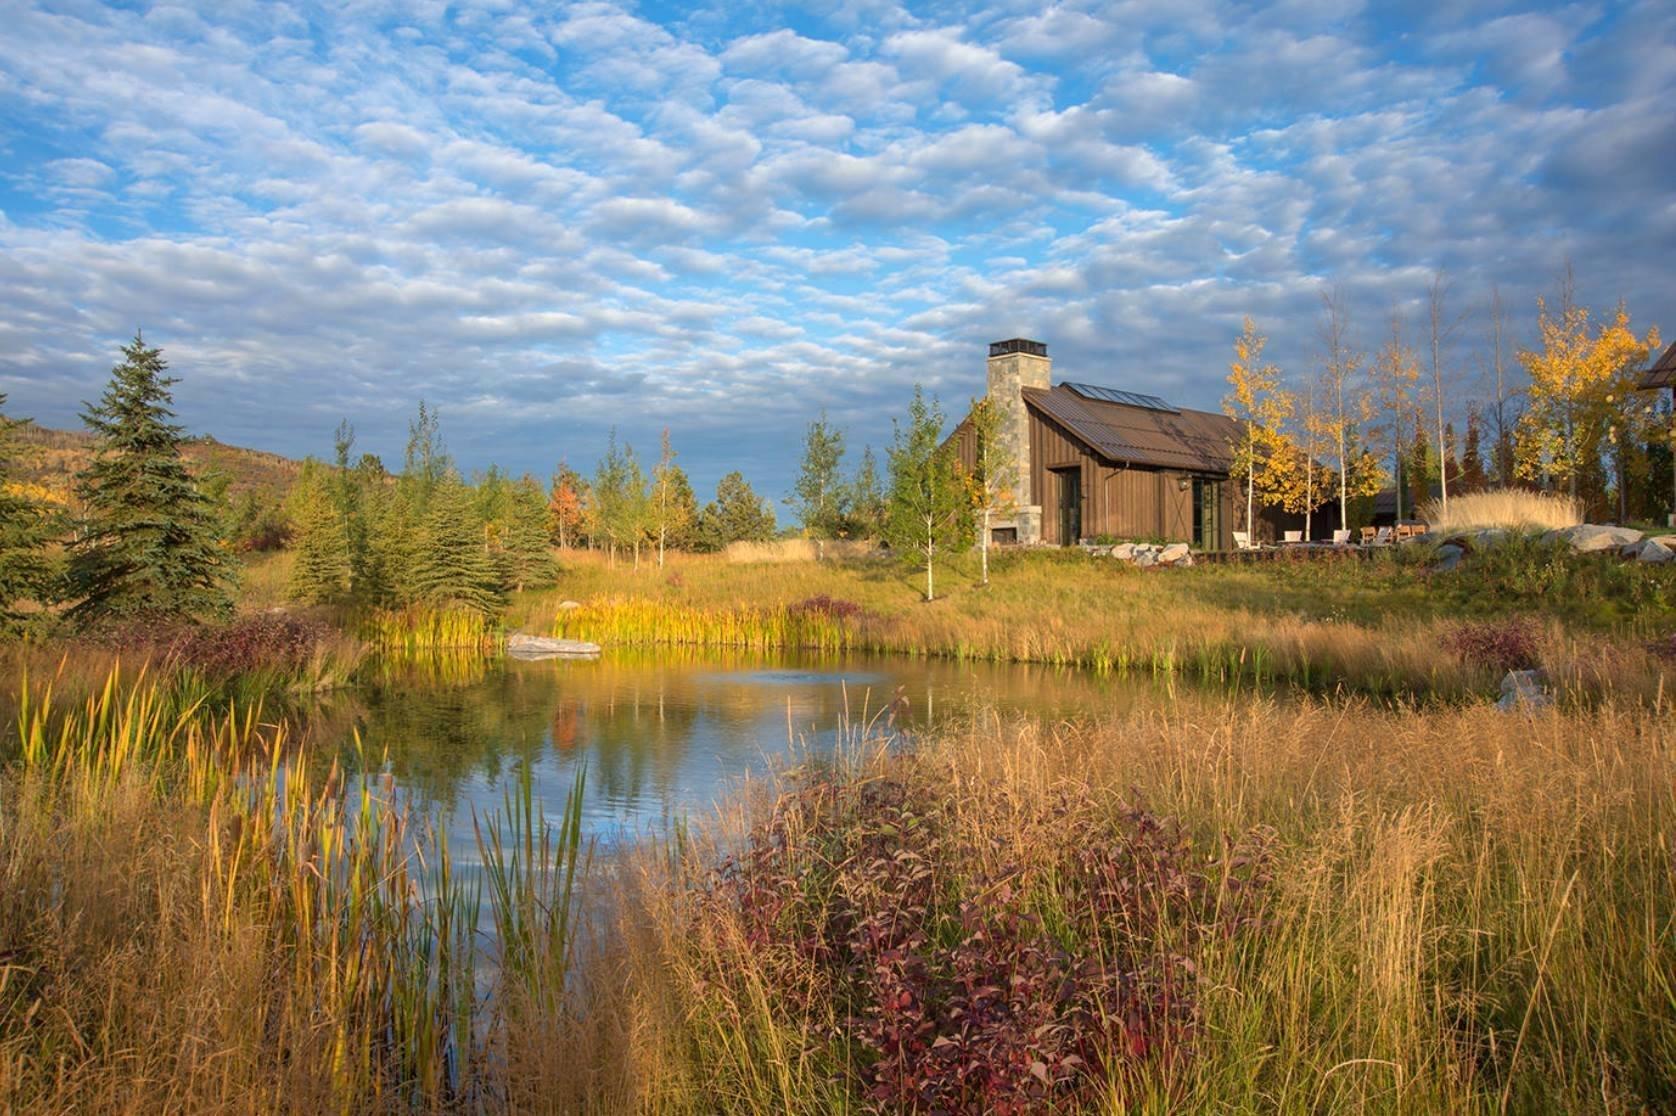 V drsné krajině Aspenu v Coloradu, se kterou si střídavě pohrává ostré slunce i silný vítr, najdeme moderně pojatý ranč se zahradou. Ta se otevírá od nádvoří jednopatrové rezidence, kterou uvádí řady vzrostlých osik (angl. – aspen). Napadlo by vás při pohledu na tuto zahradu, že vznikla na skládce?